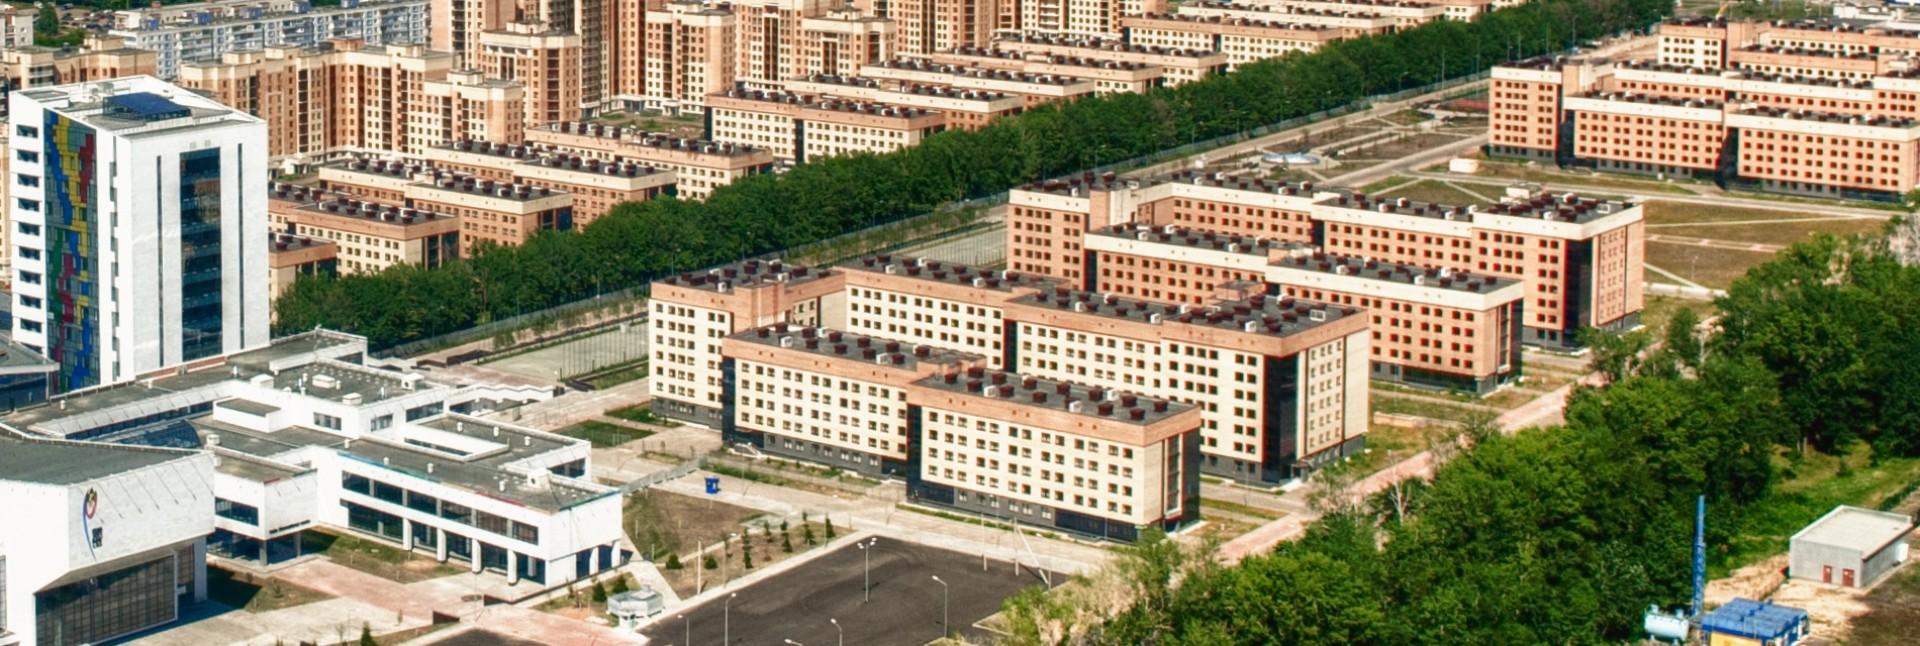 Информация по заселению в общежития КФУ